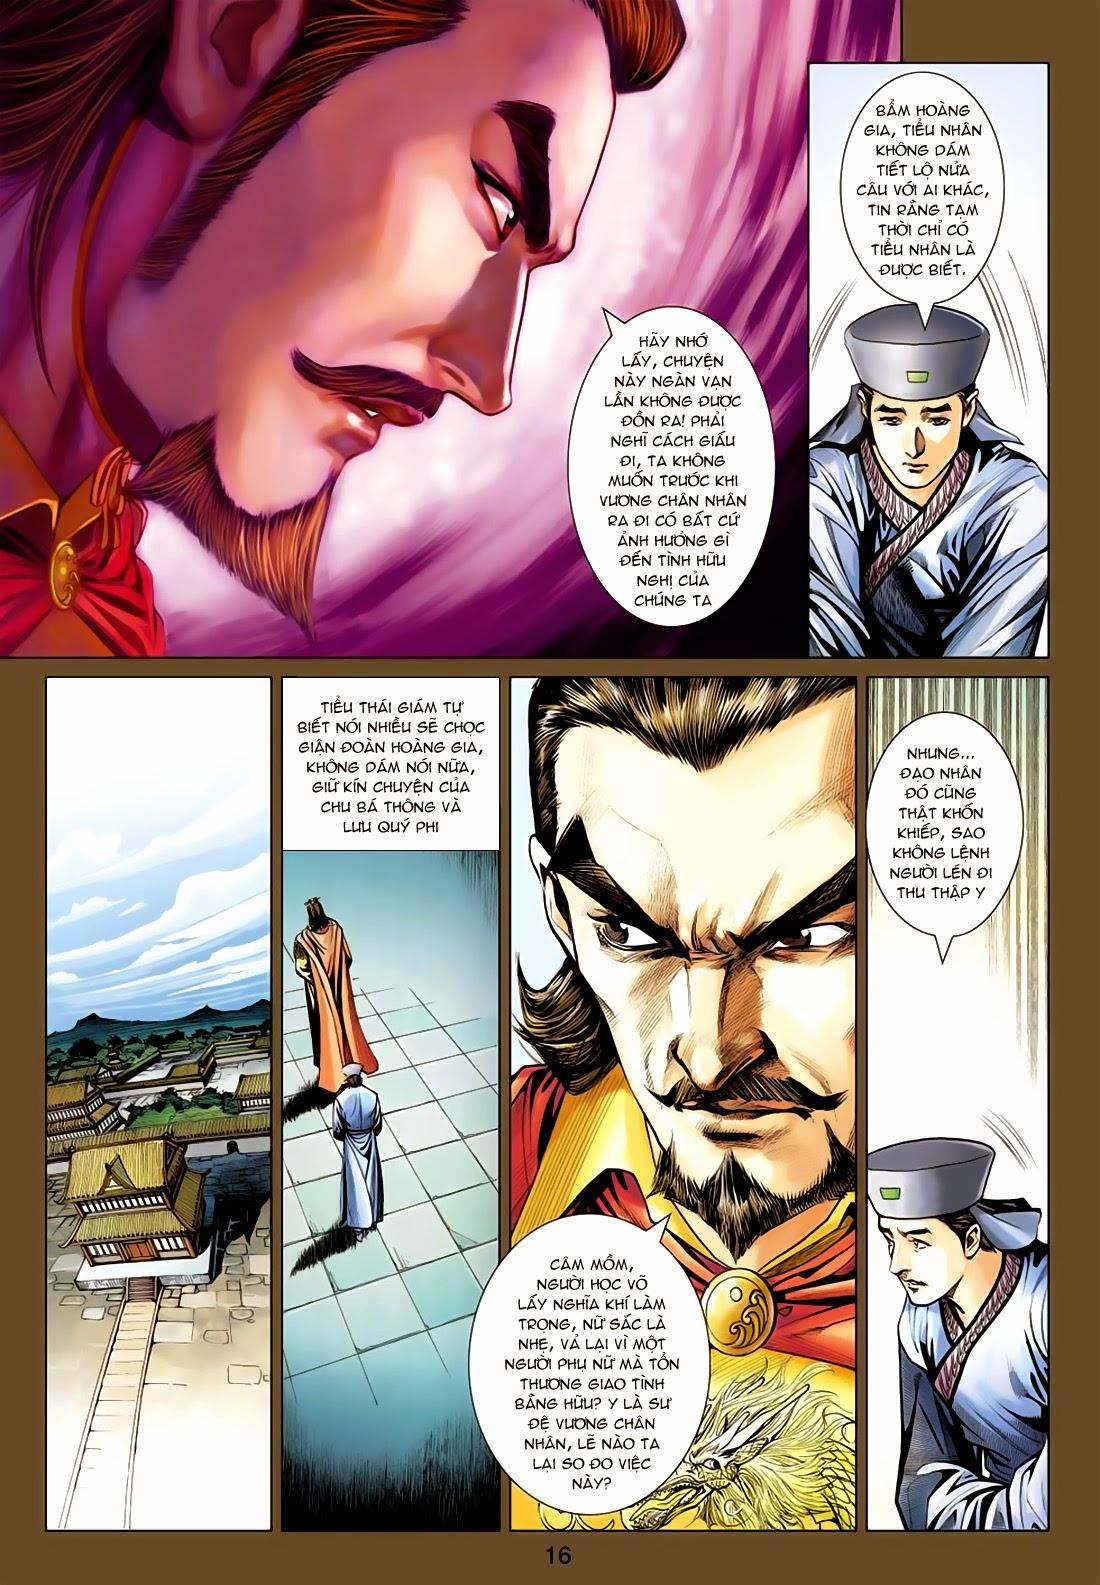 Anh Hùng Xạ Điêu anh hùng xạ đêu chap 77: thế thượng tối cường võ công trang 16